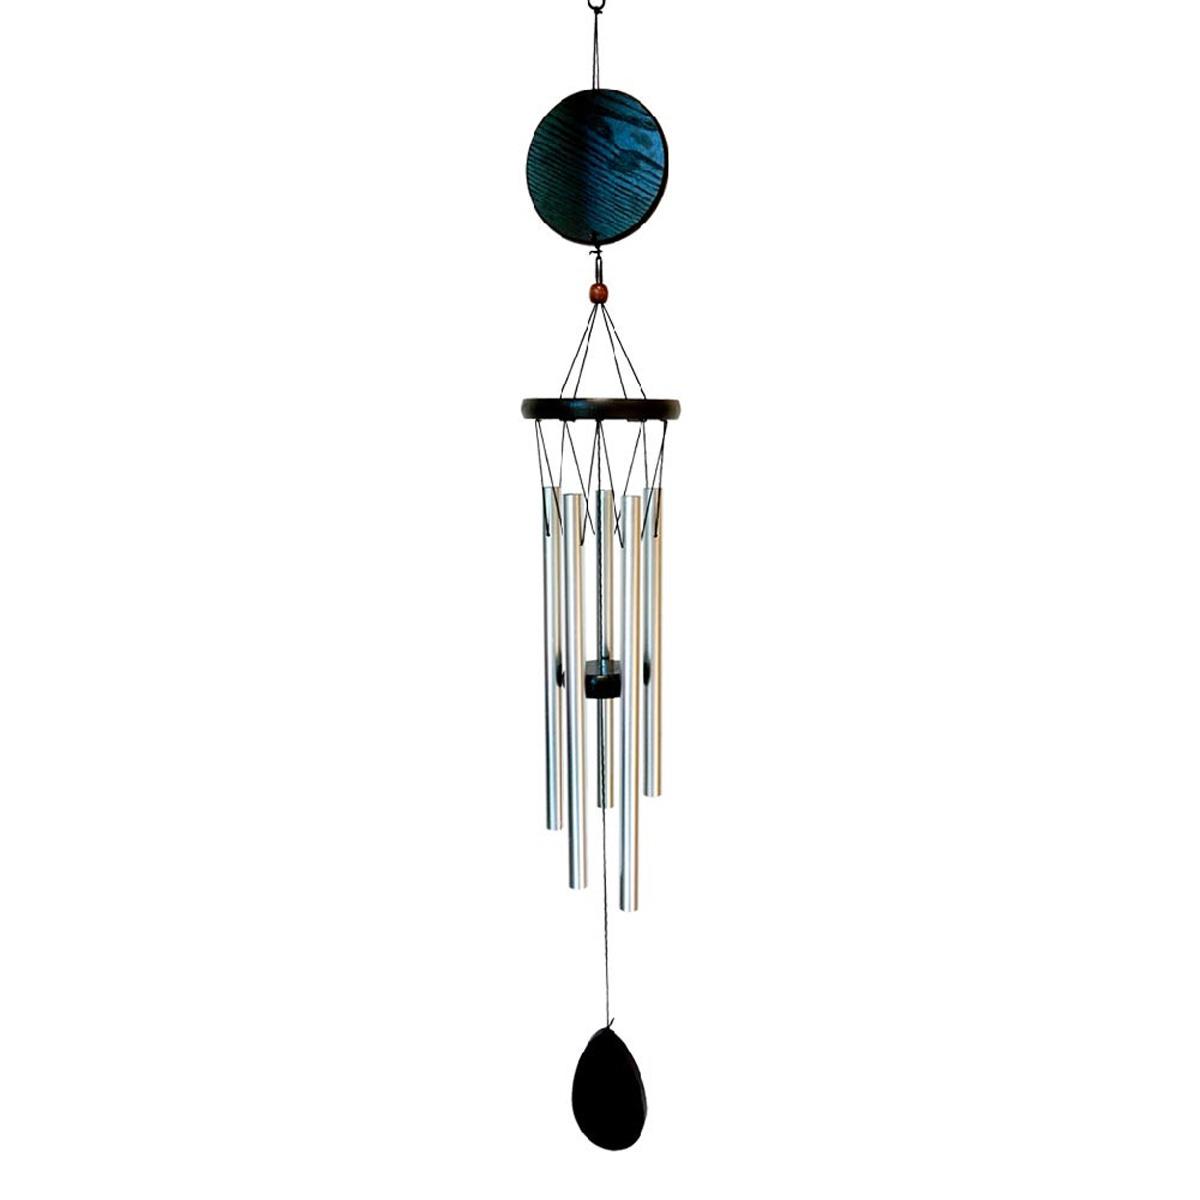 Carillon bois \'Zen attitude\' noir argenté  - 78x10 cm - [A2339]